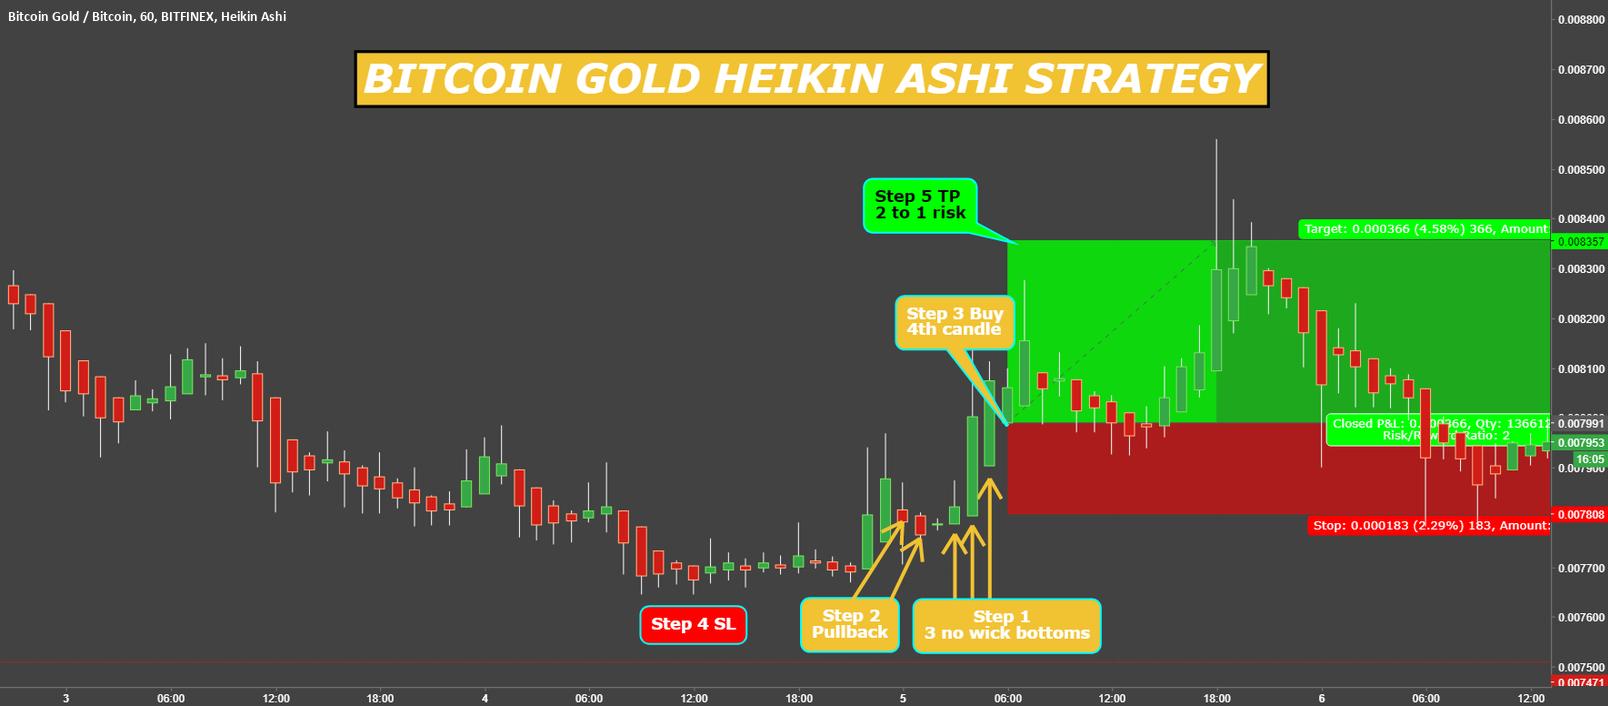 BITCOIN GOLD HEIKIN ASHI STRATEGY